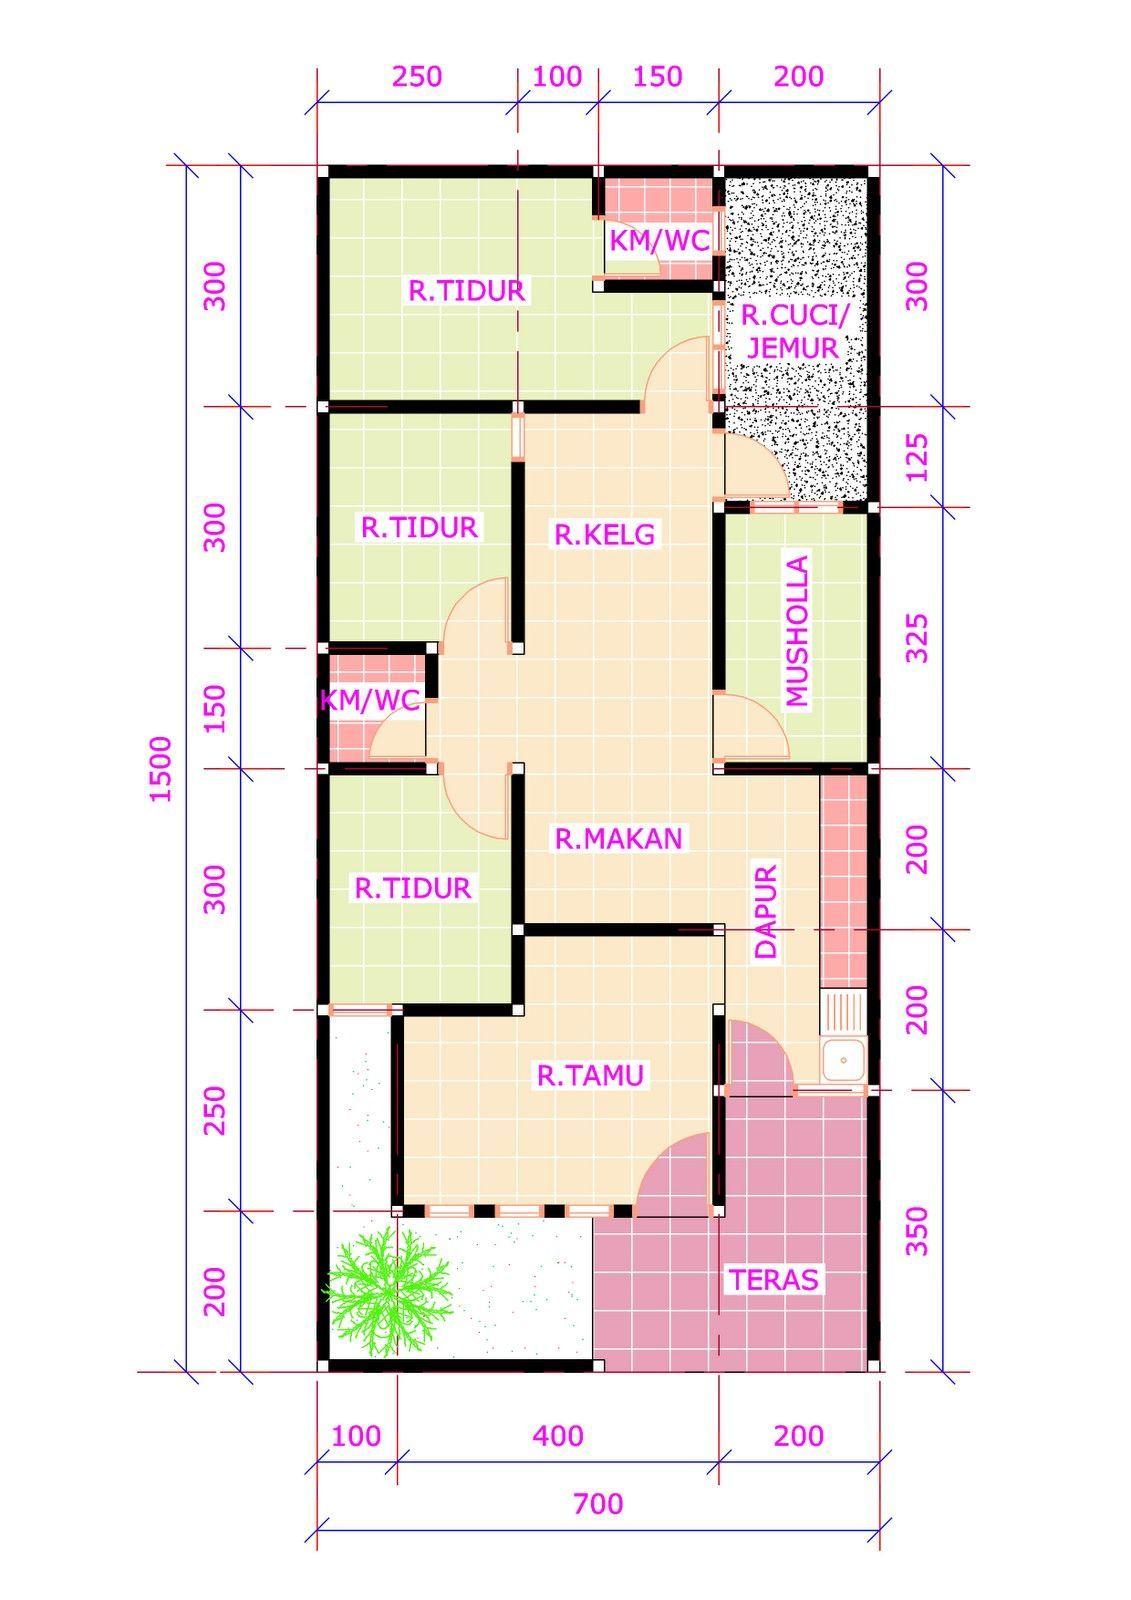 63 Desain Rumah Minimalis 7 X 15 Denah Rumah Desain Rumah